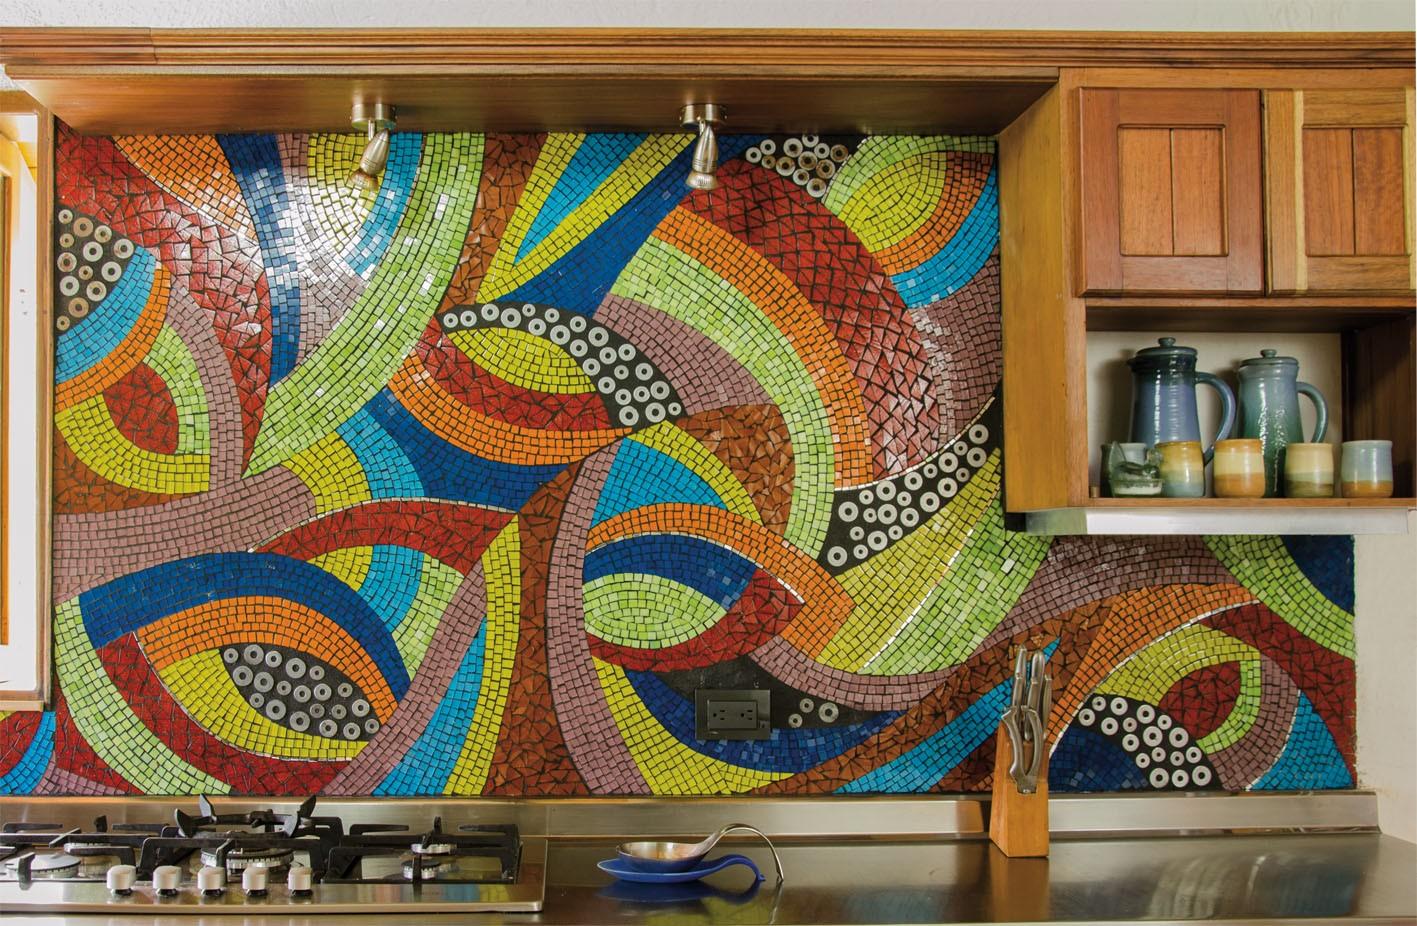 Панно на стену своими руками: 120 фото идей дизайнерских решений в интерьере